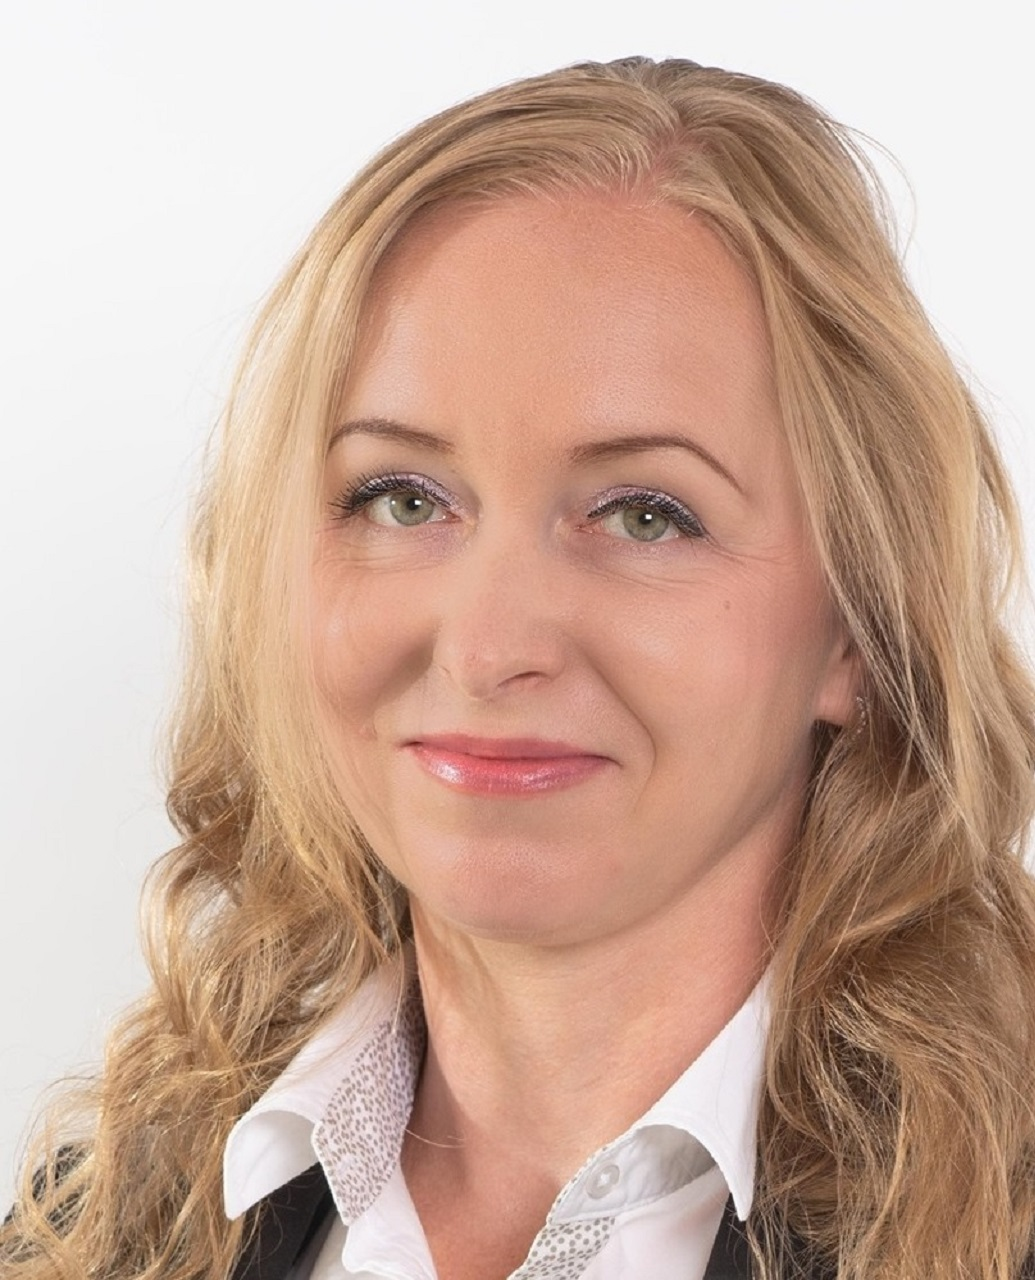 česká politička Karla Maříková